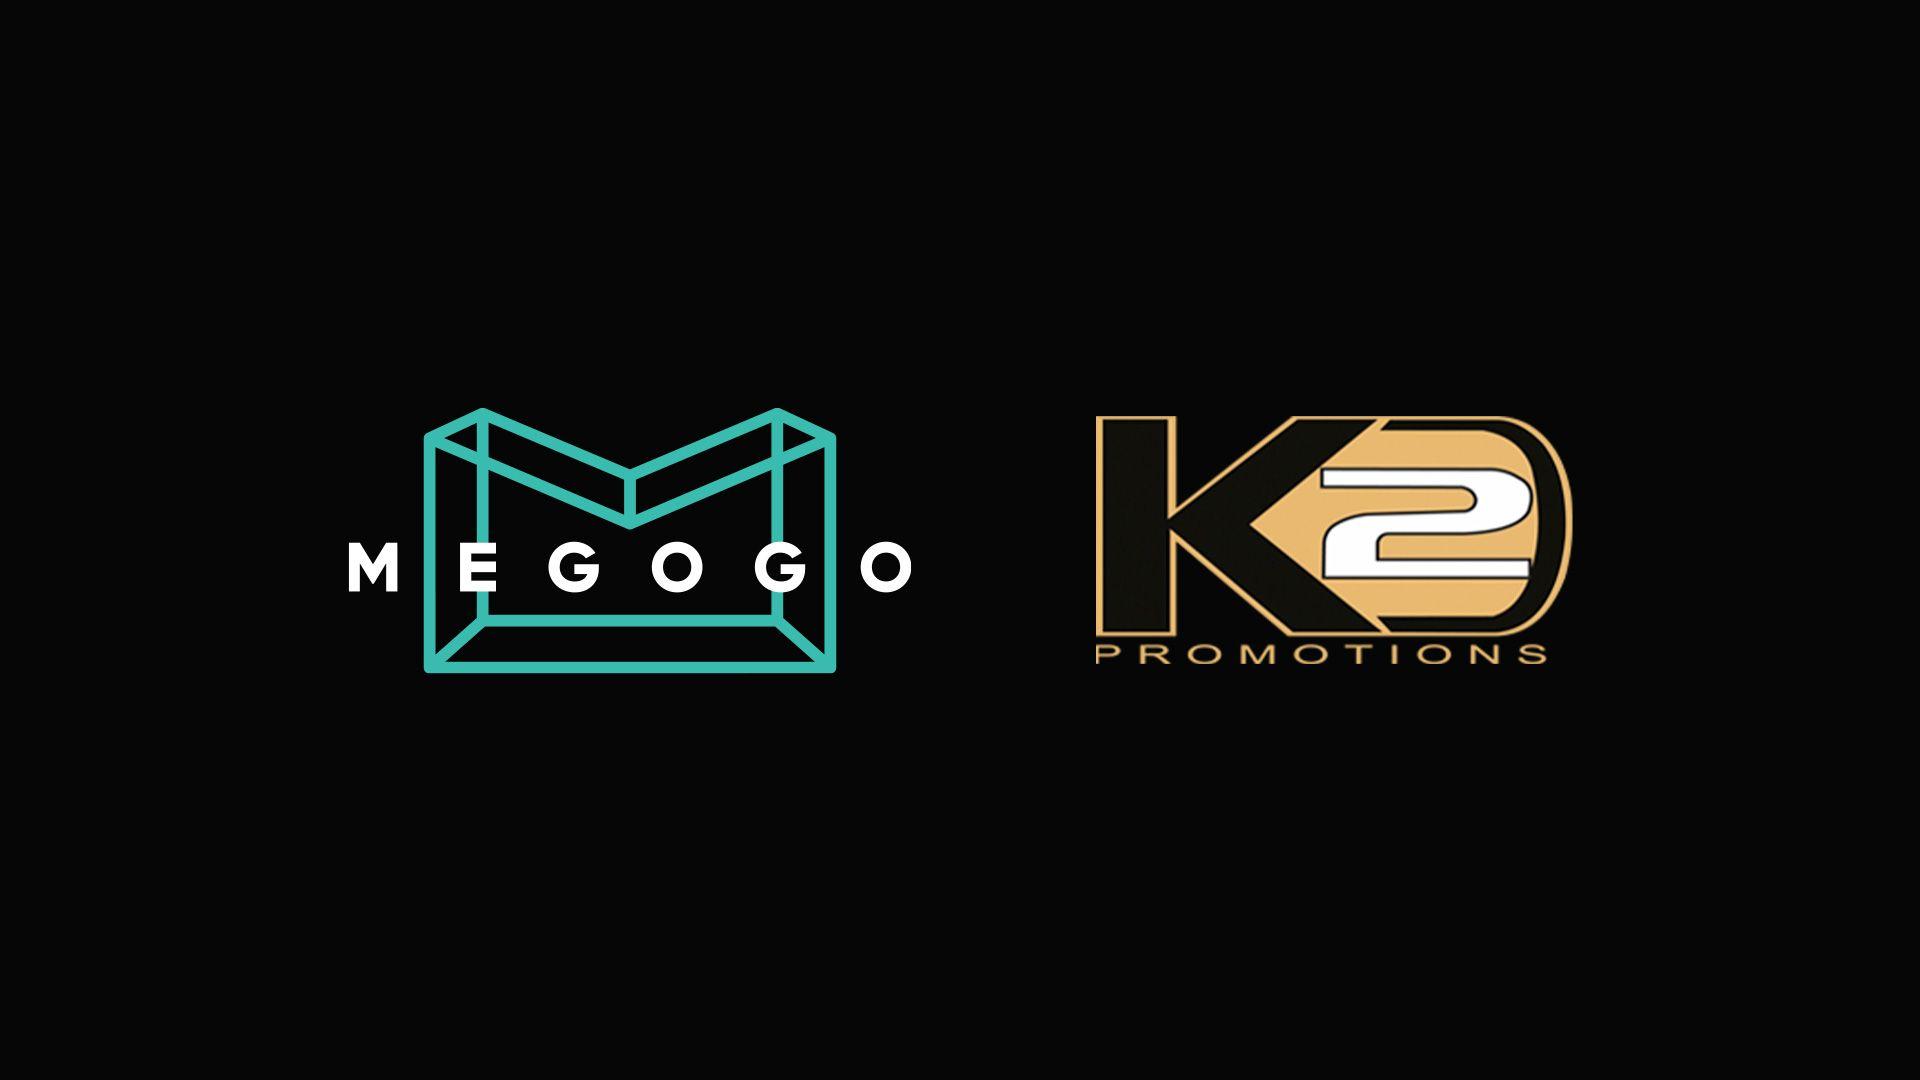 Megogo показуватиме бої за участі  українських боксерів